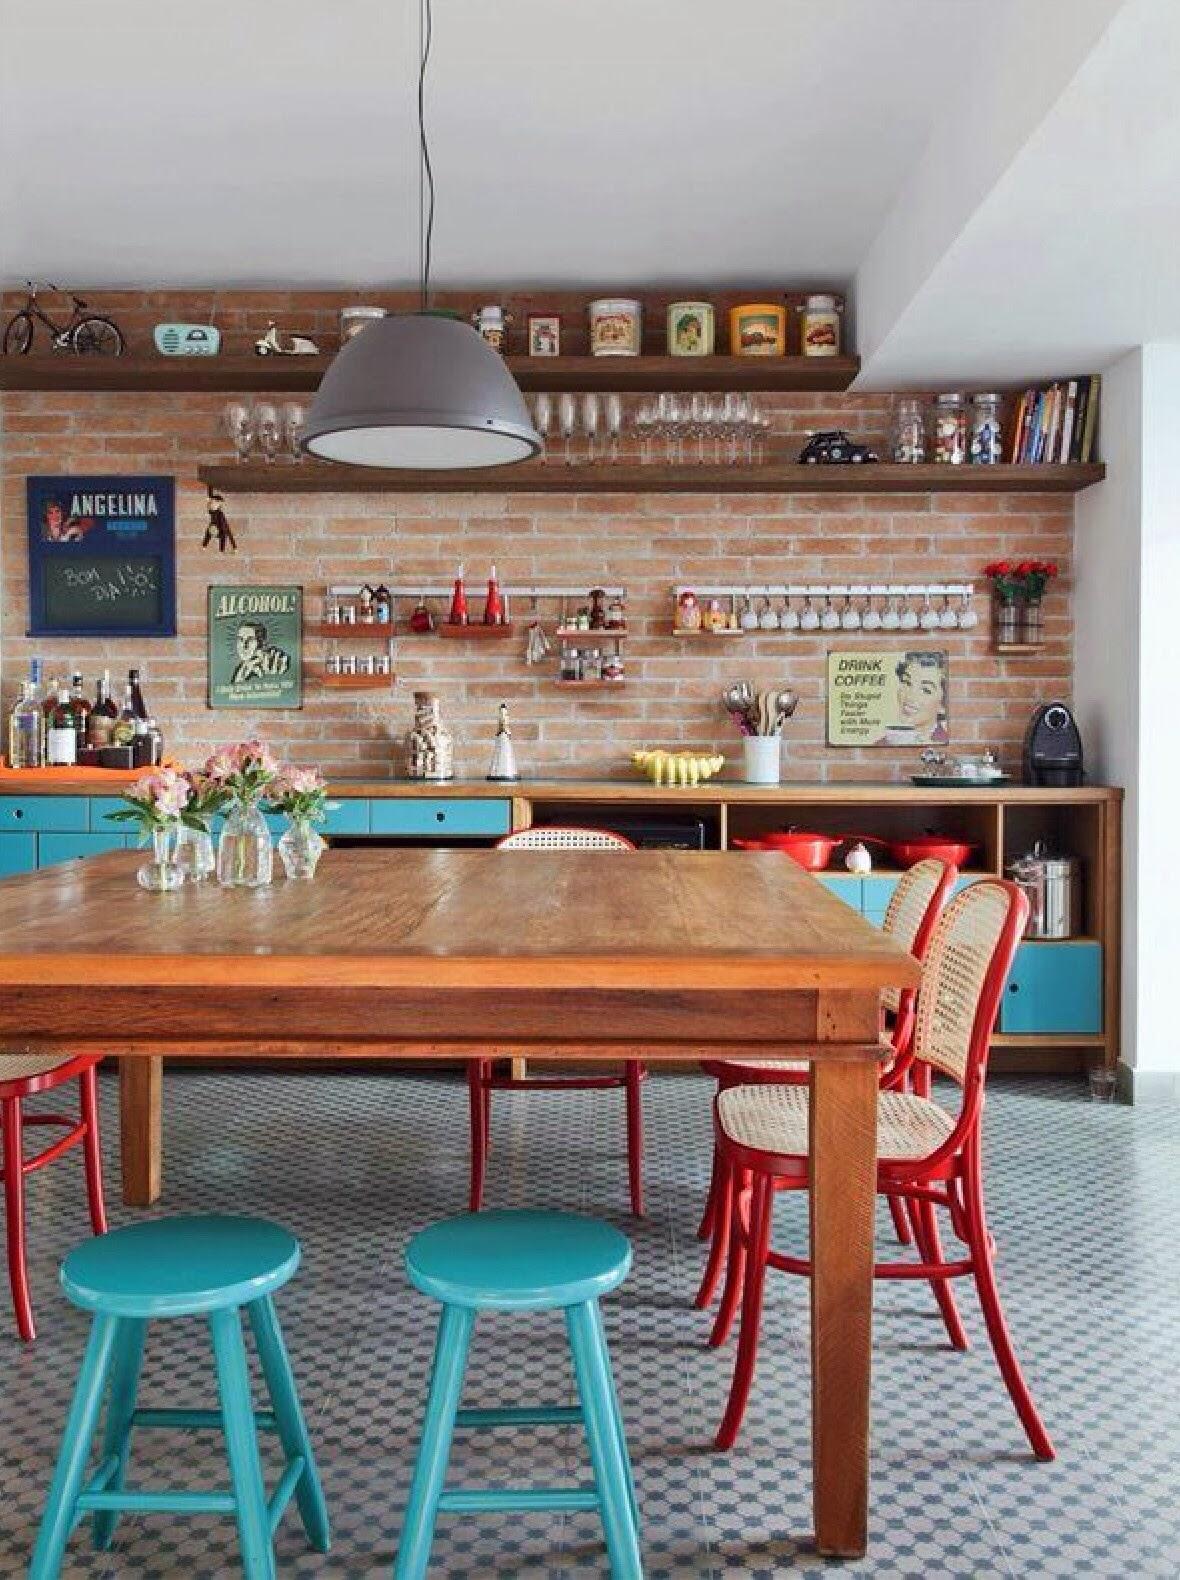 decorar cozinha rustica:Materiales: Paredes de ladrillo / Piso de losetas o mosaicos